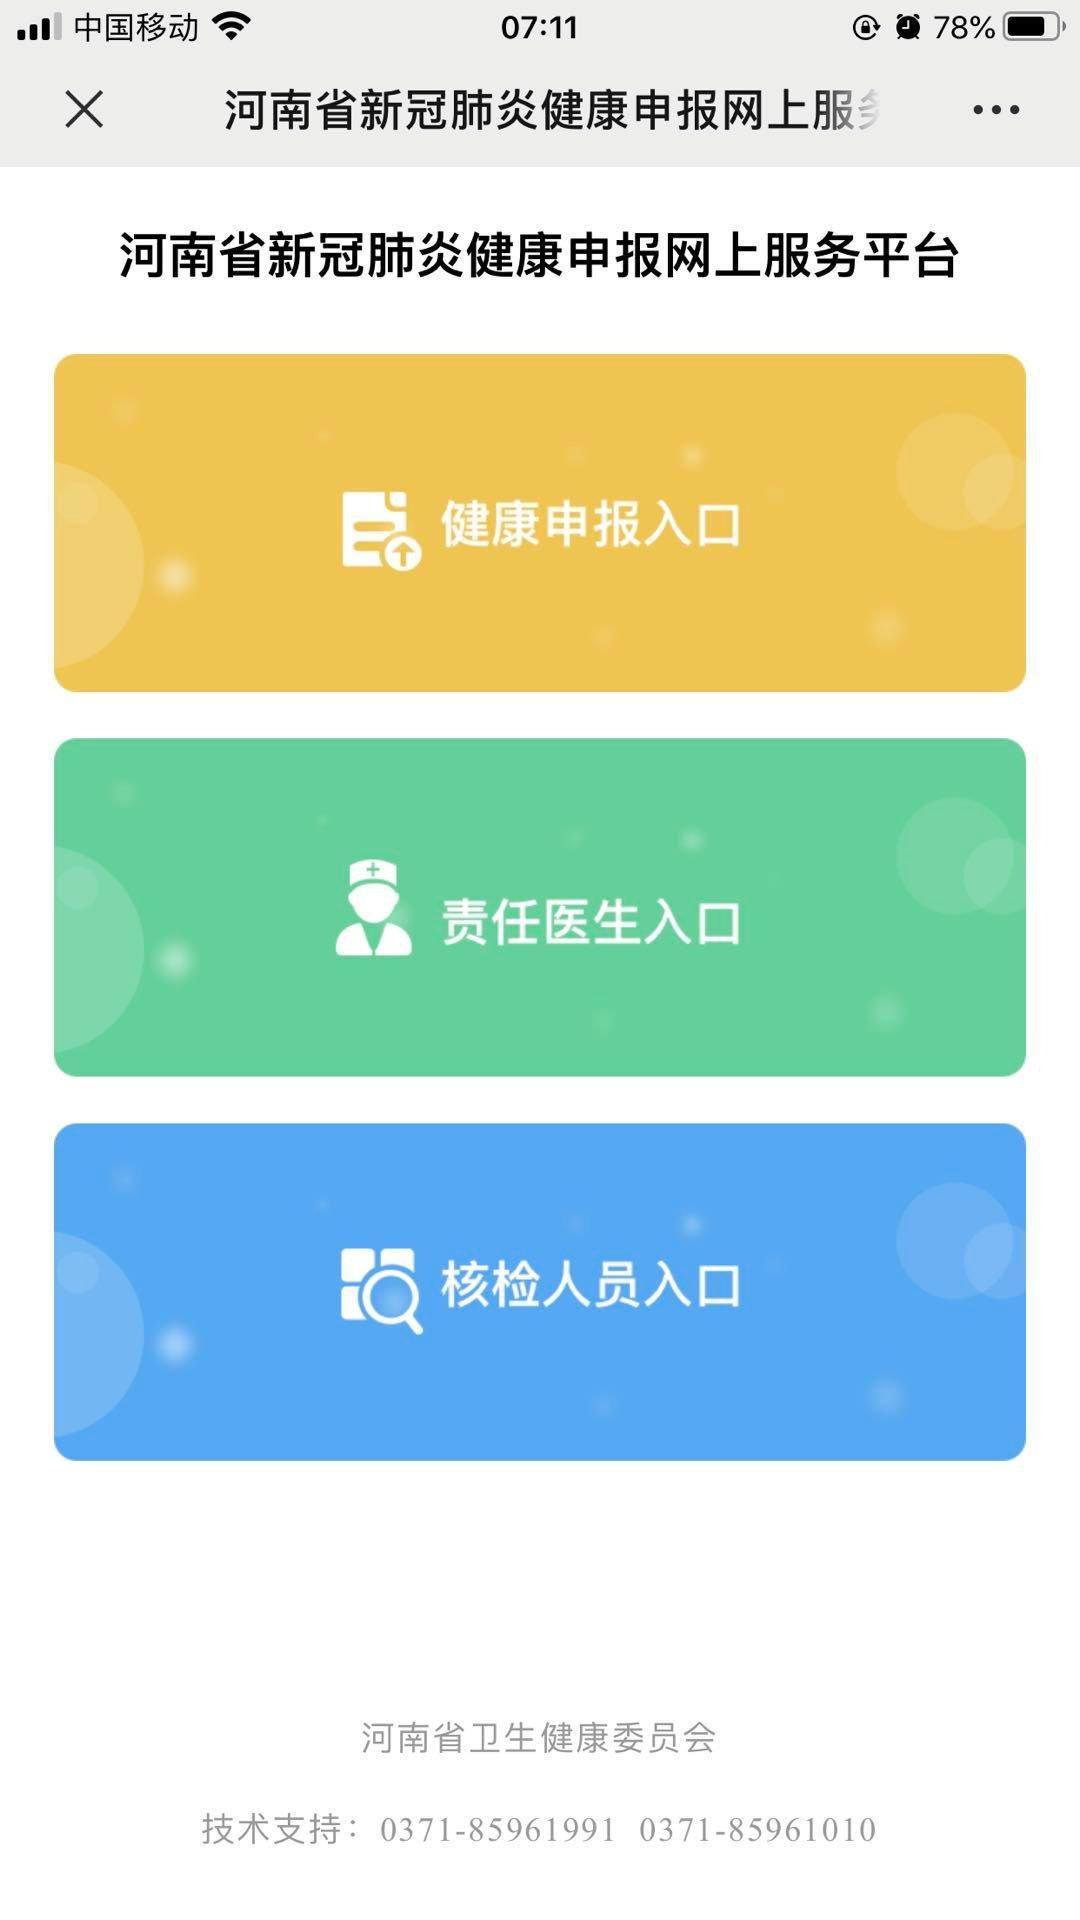 郑州健康证明申报系统(附申请流程)